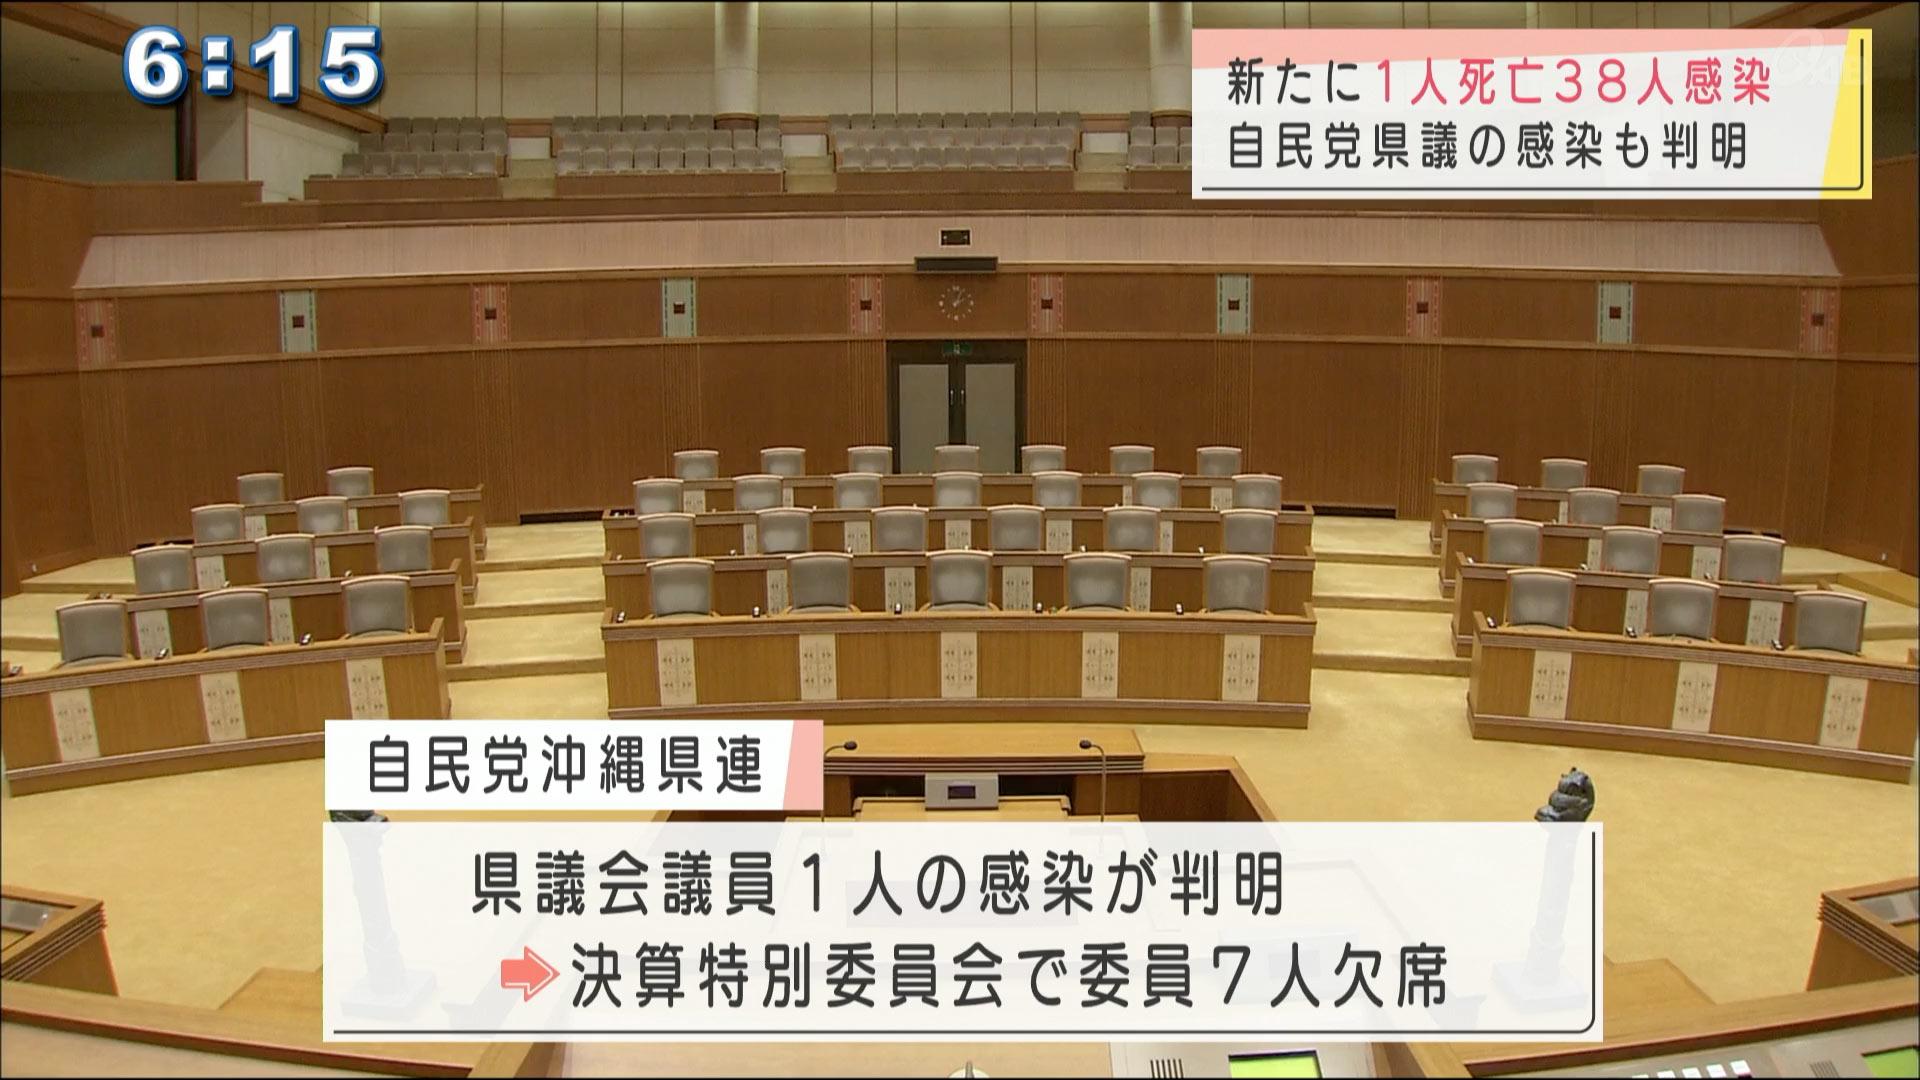 新型コロナ1人死亡38人感染 自民党県議も感染